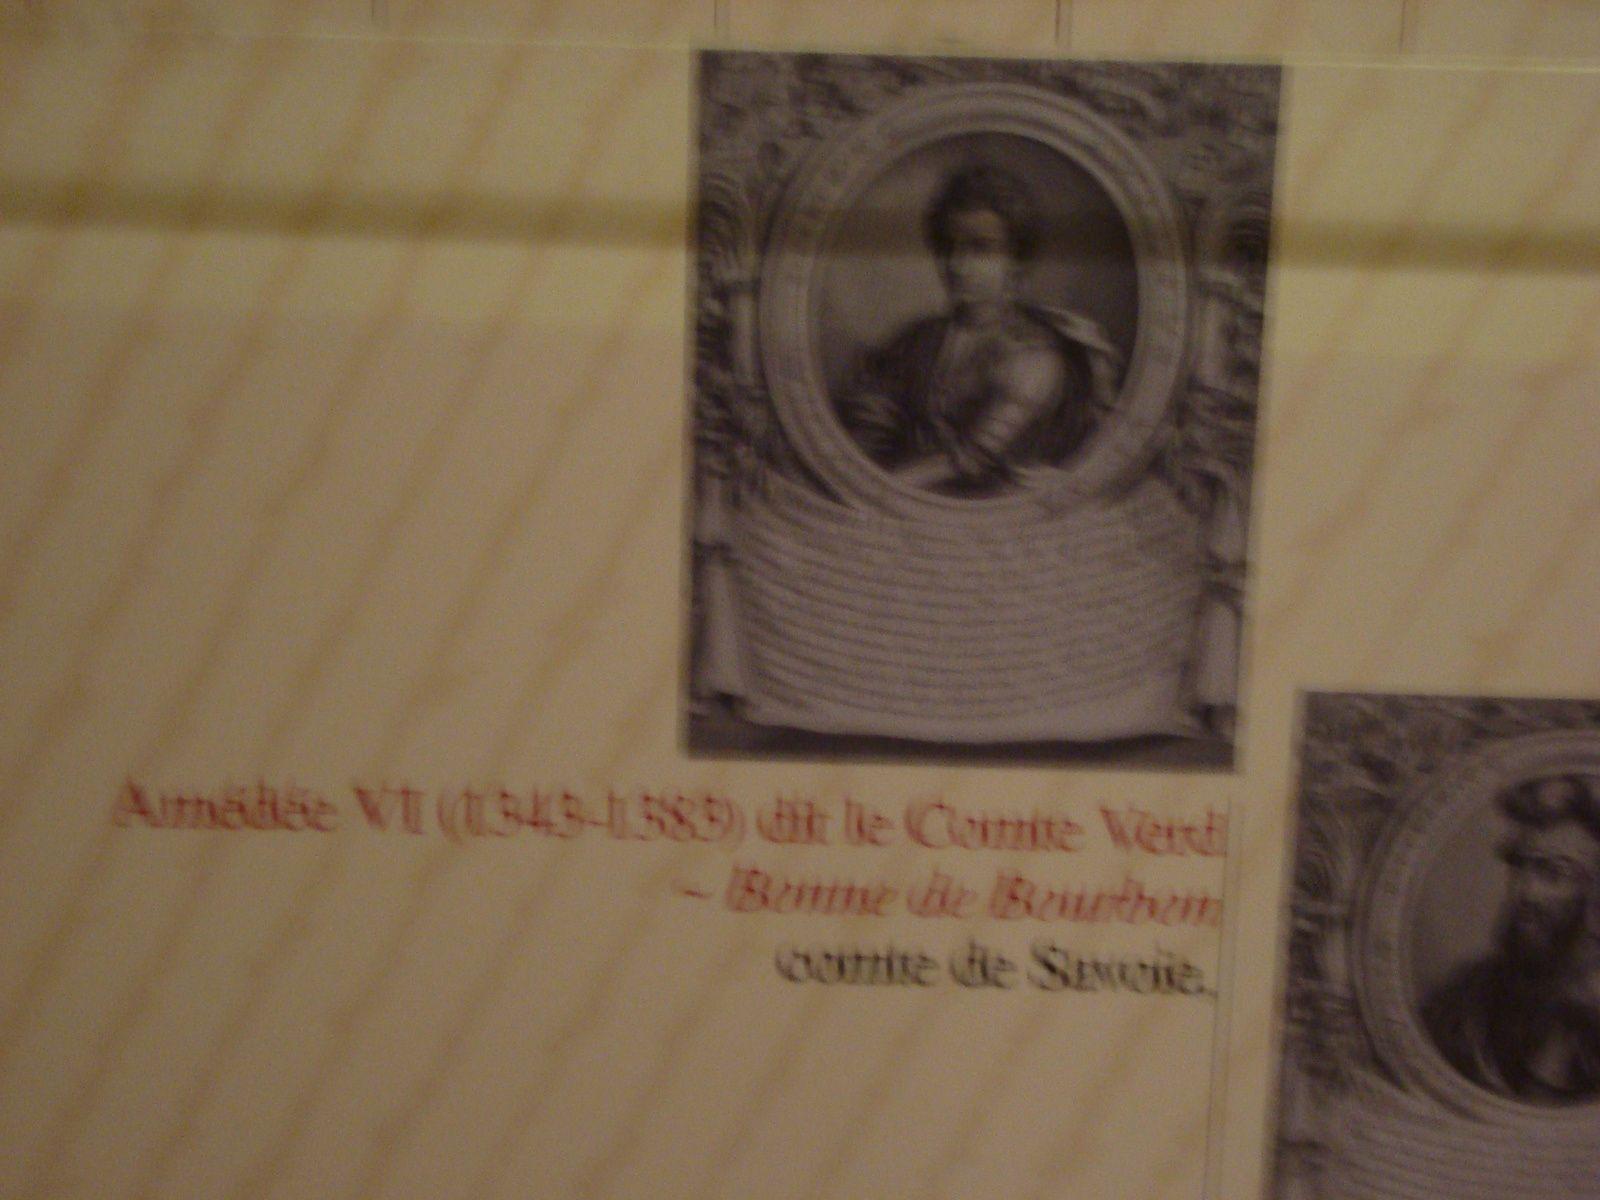 le comte Verd à Hautecombe et dans le château des ducs à Chambéry, photos J.D. 25 et 27 juillet 2016